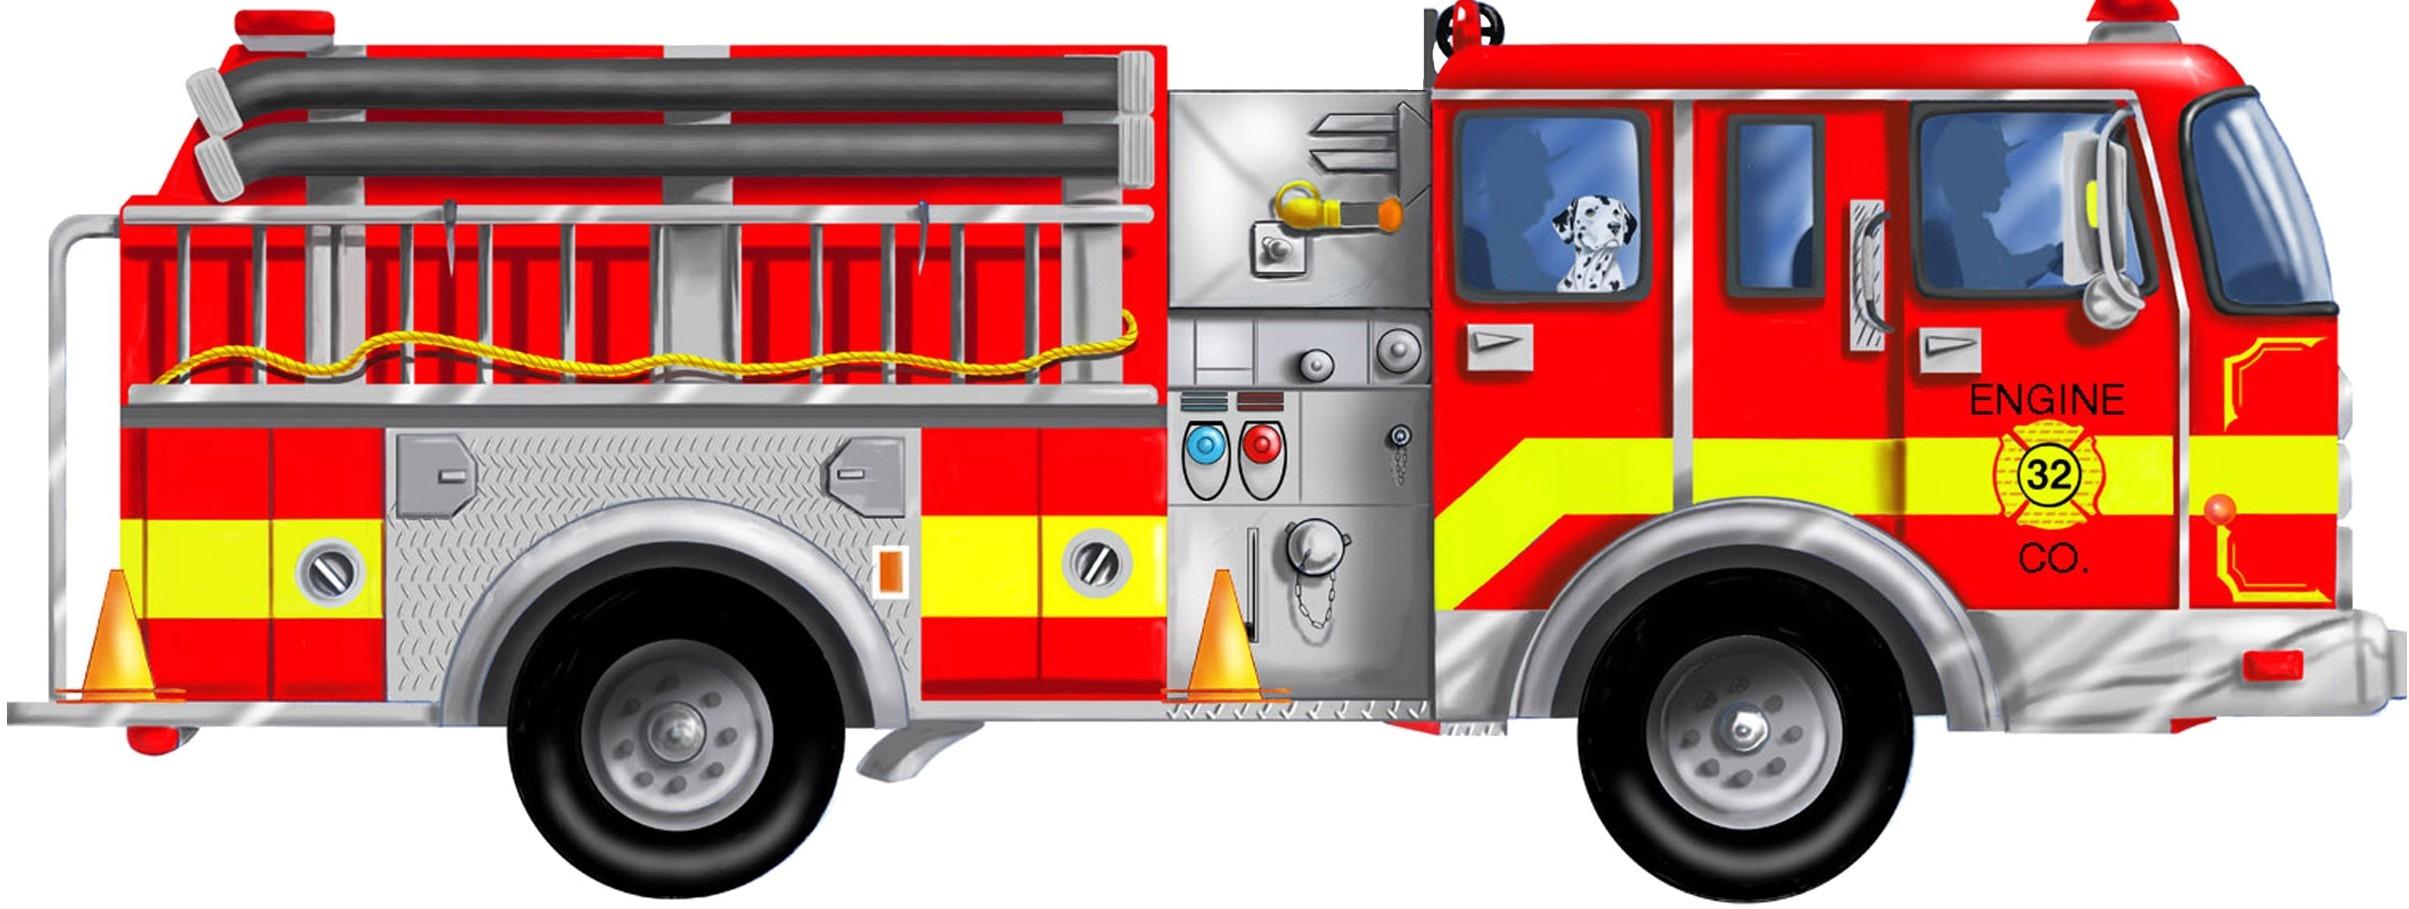 61+ Clipart Fire Truck.